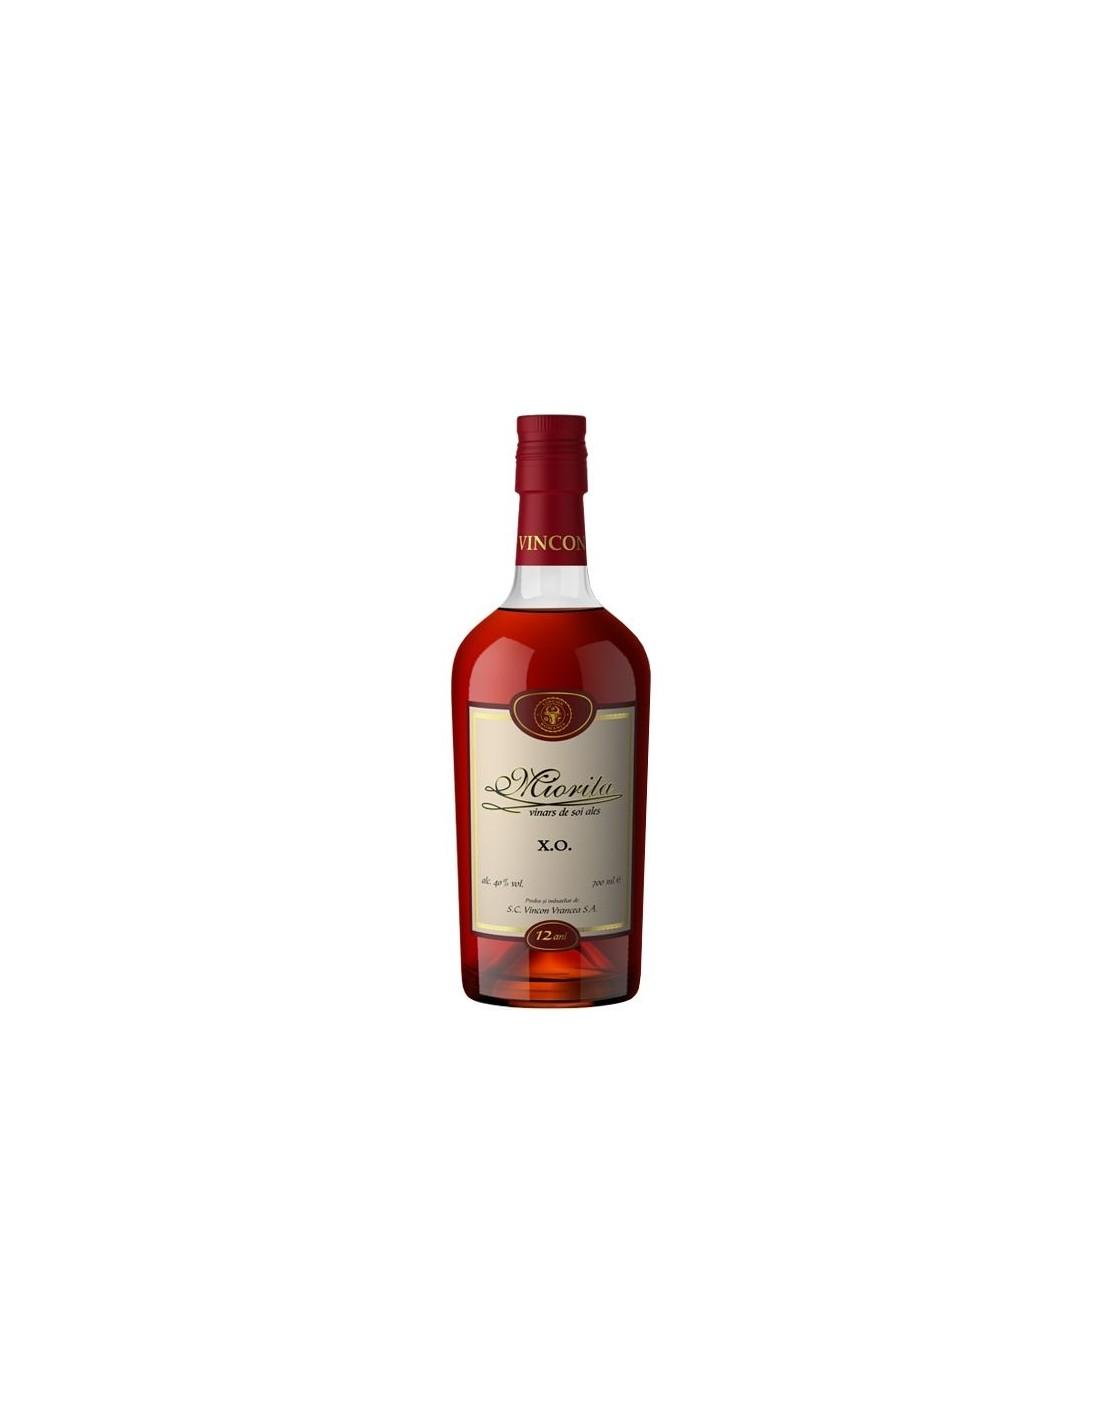 Coniac Brandy Miorita Vinars Xo 40% alc., 0.7L, Romania